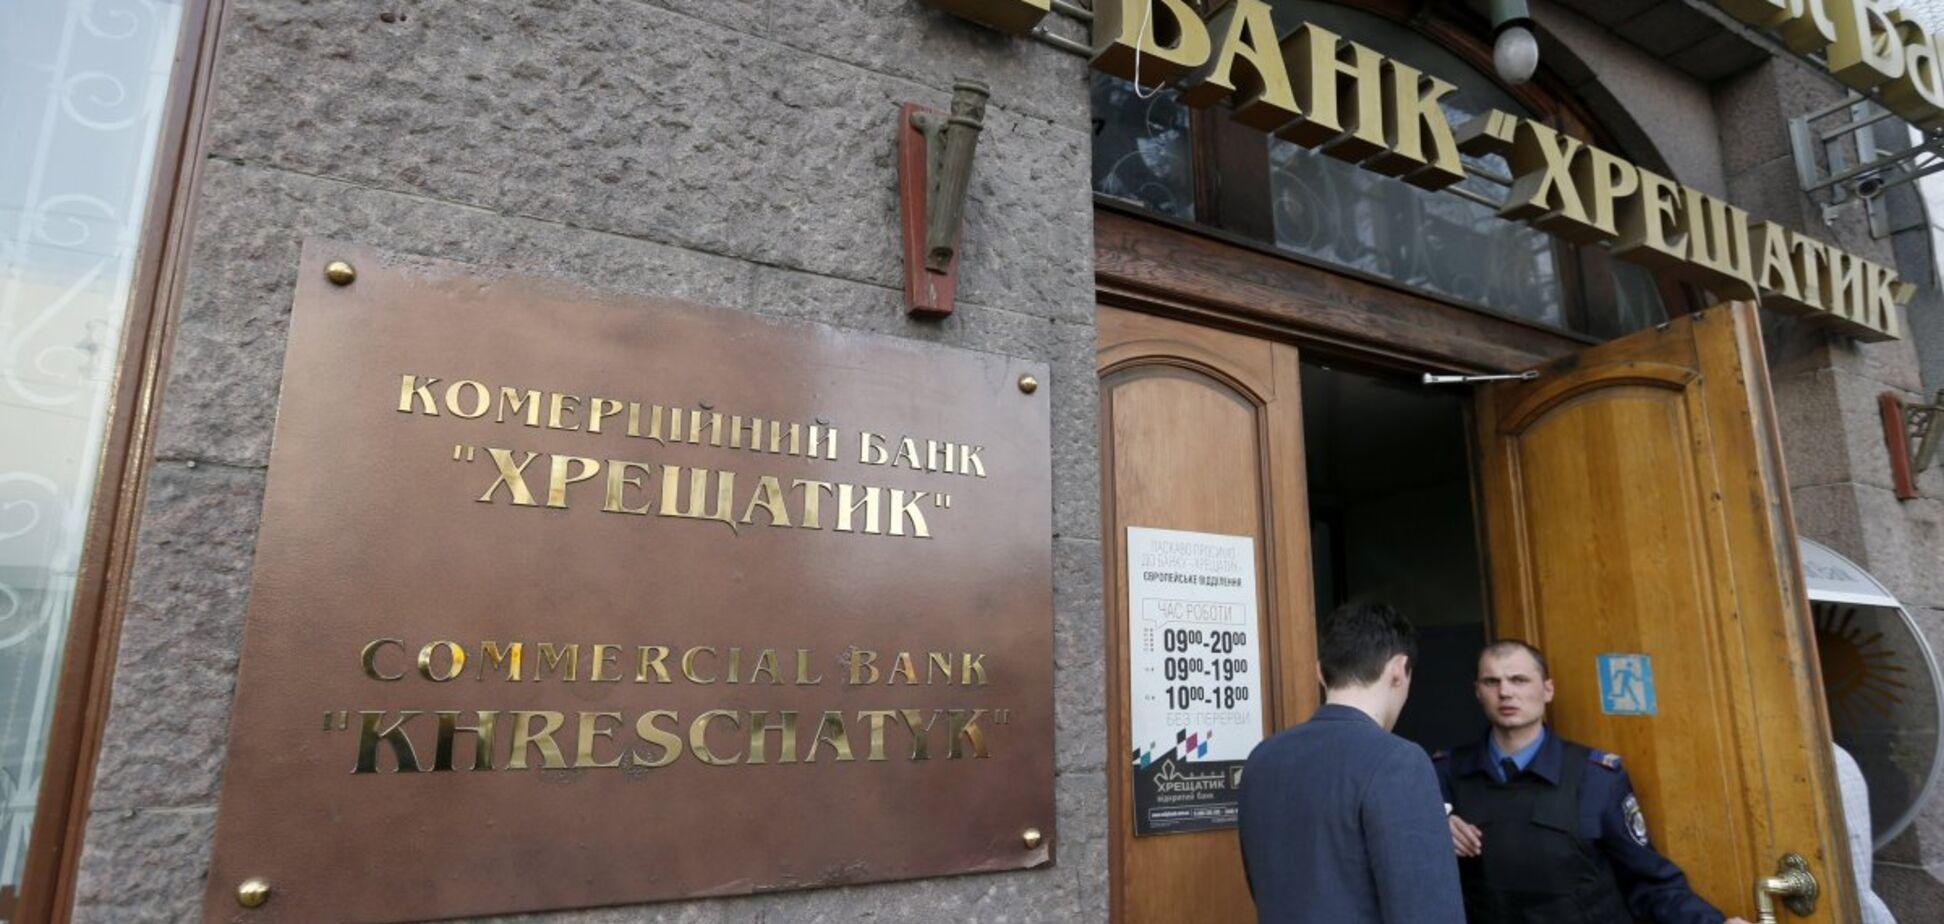 Керівництво довело банк 'Хрещатик' до збитків у 2,5 млрд грн - ФГВФО